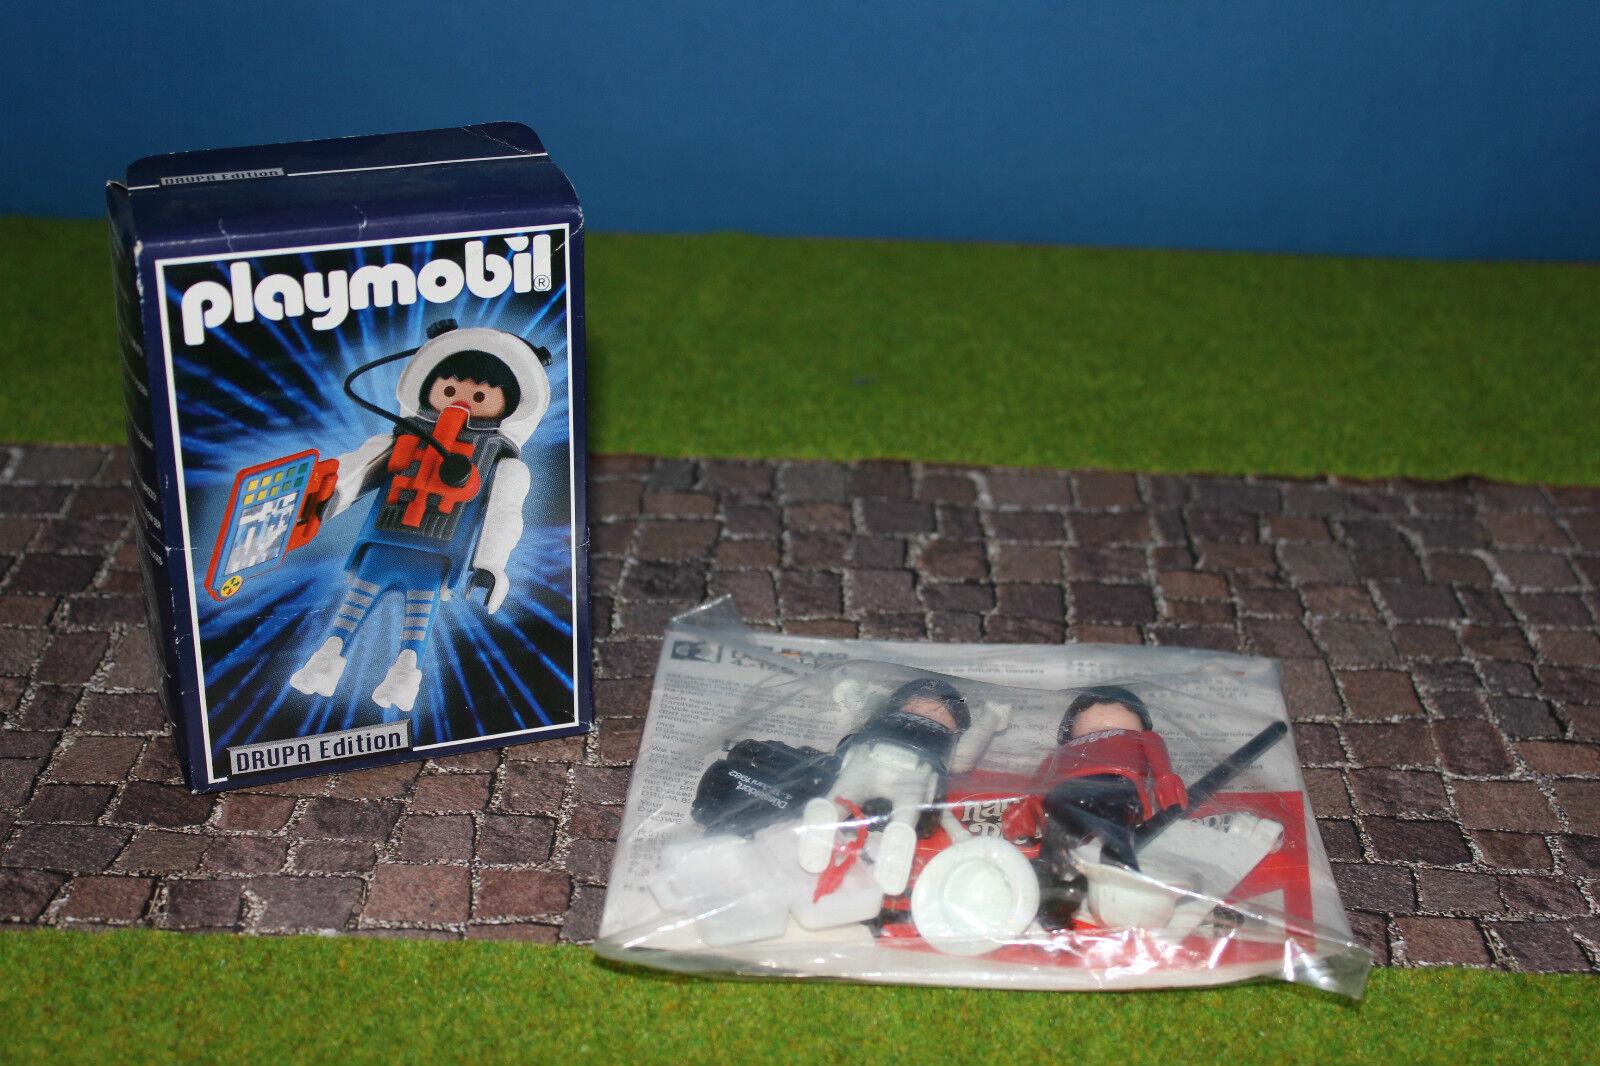 PLAYMOBIL drupa 1982 PROMO personaggio pubblicitario personaggio Nuovo/Scatola Originale